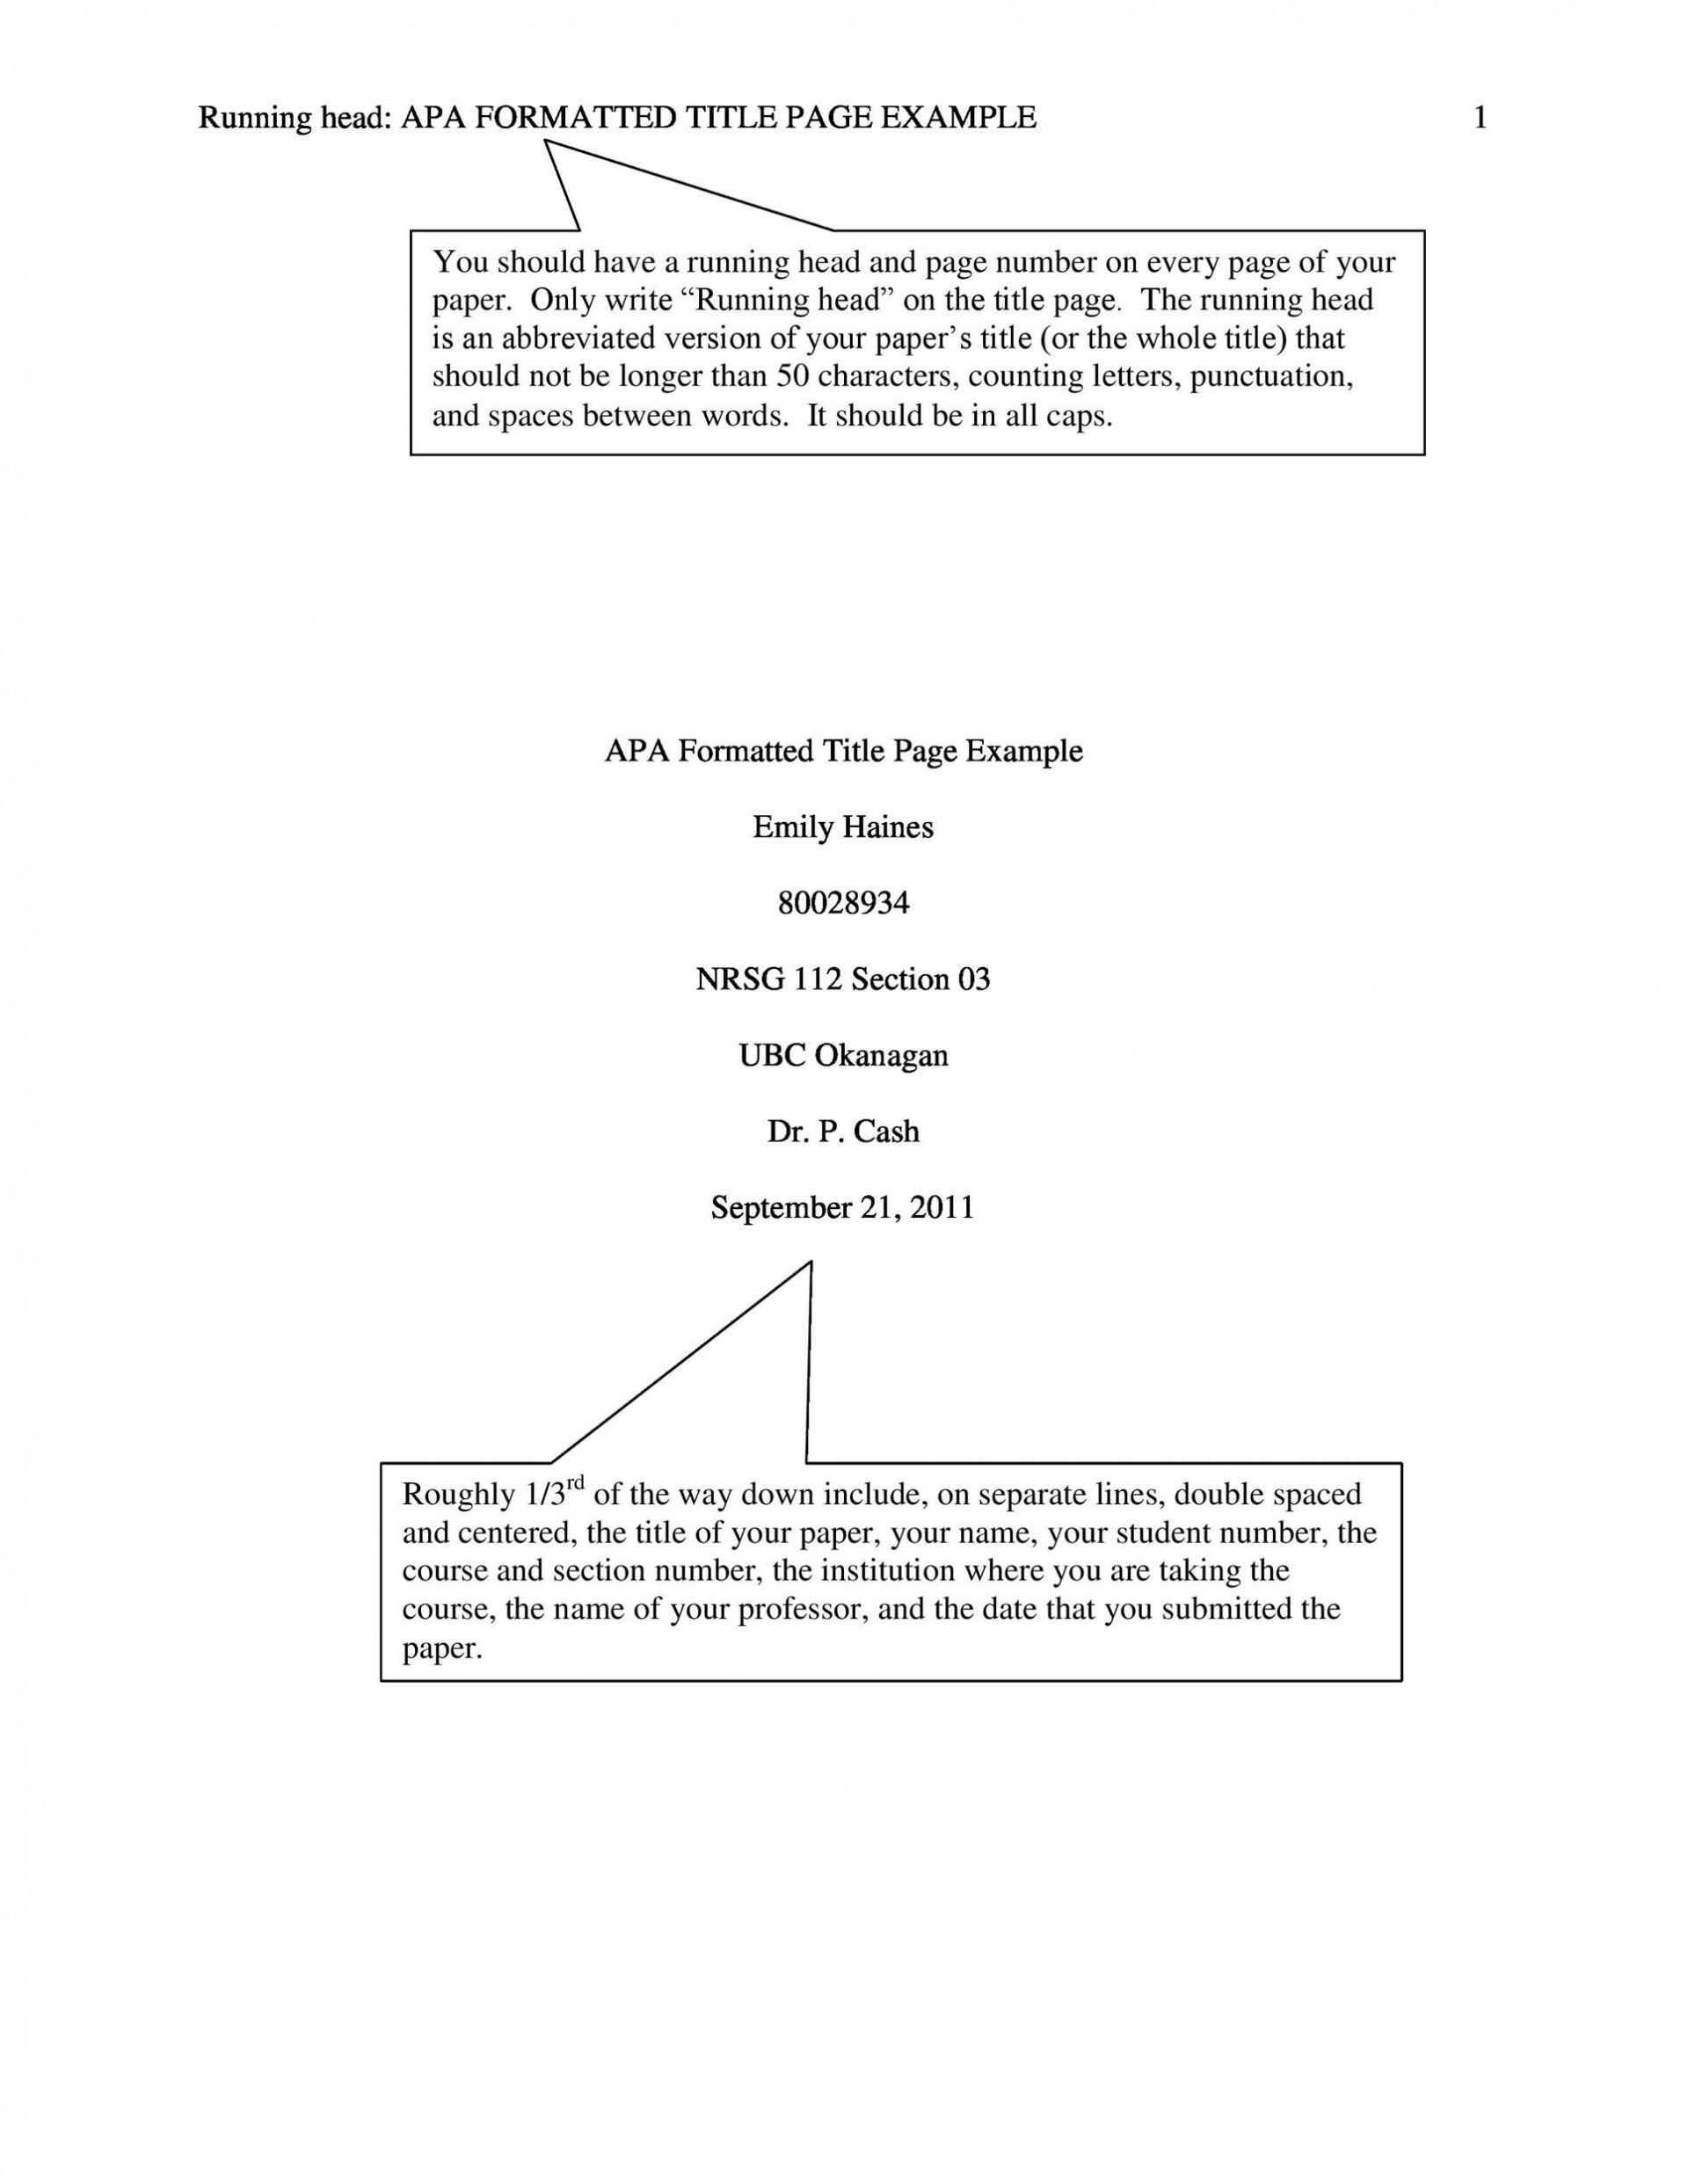 005 Wondrou Free Apa Format Template Image  For Mac Download Word Writing1920